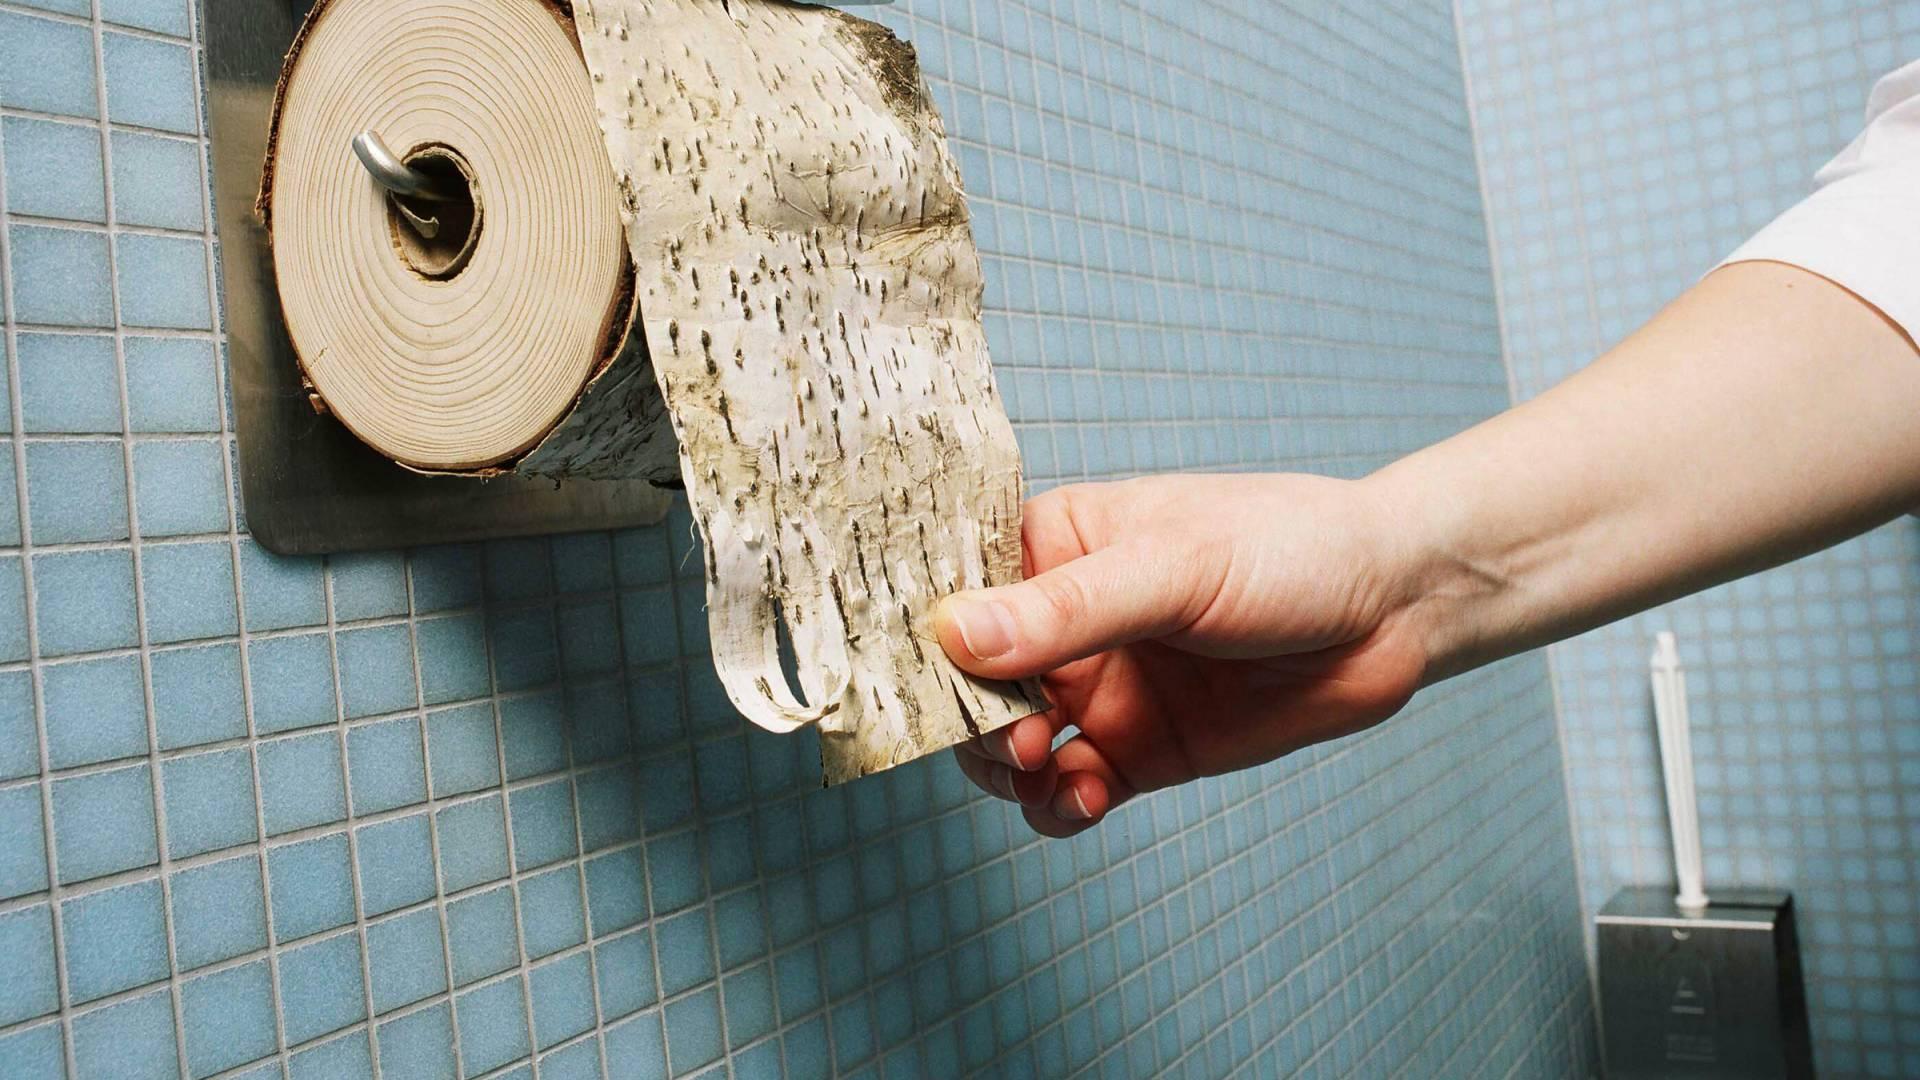 Baumrinde auf einer Toilettenpapierrolle aufgerollt